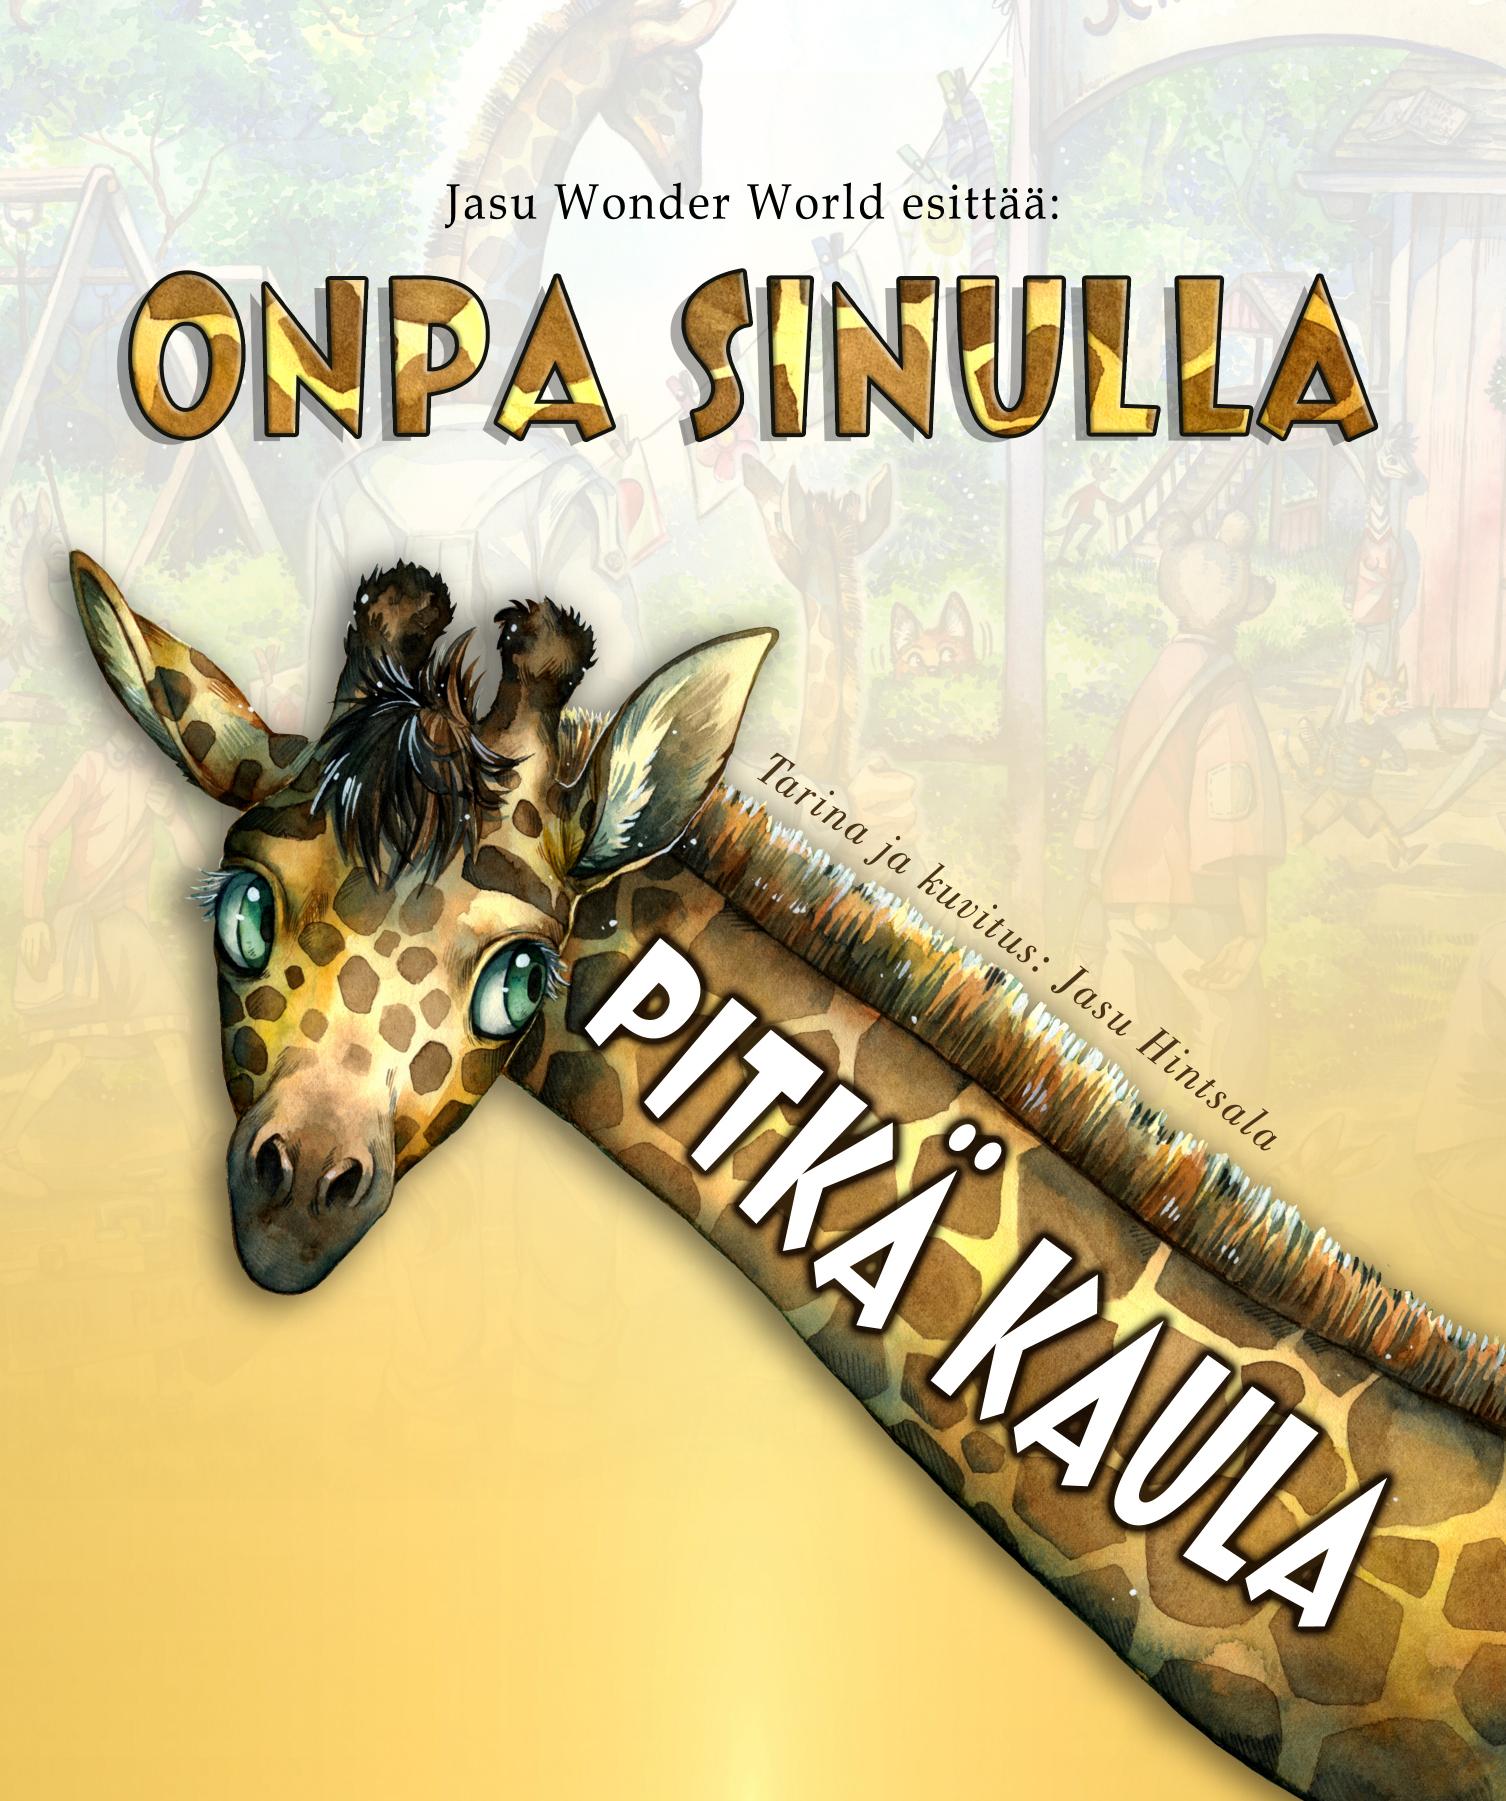 Onpa sinulla pitkä kaula (Finnish edition)